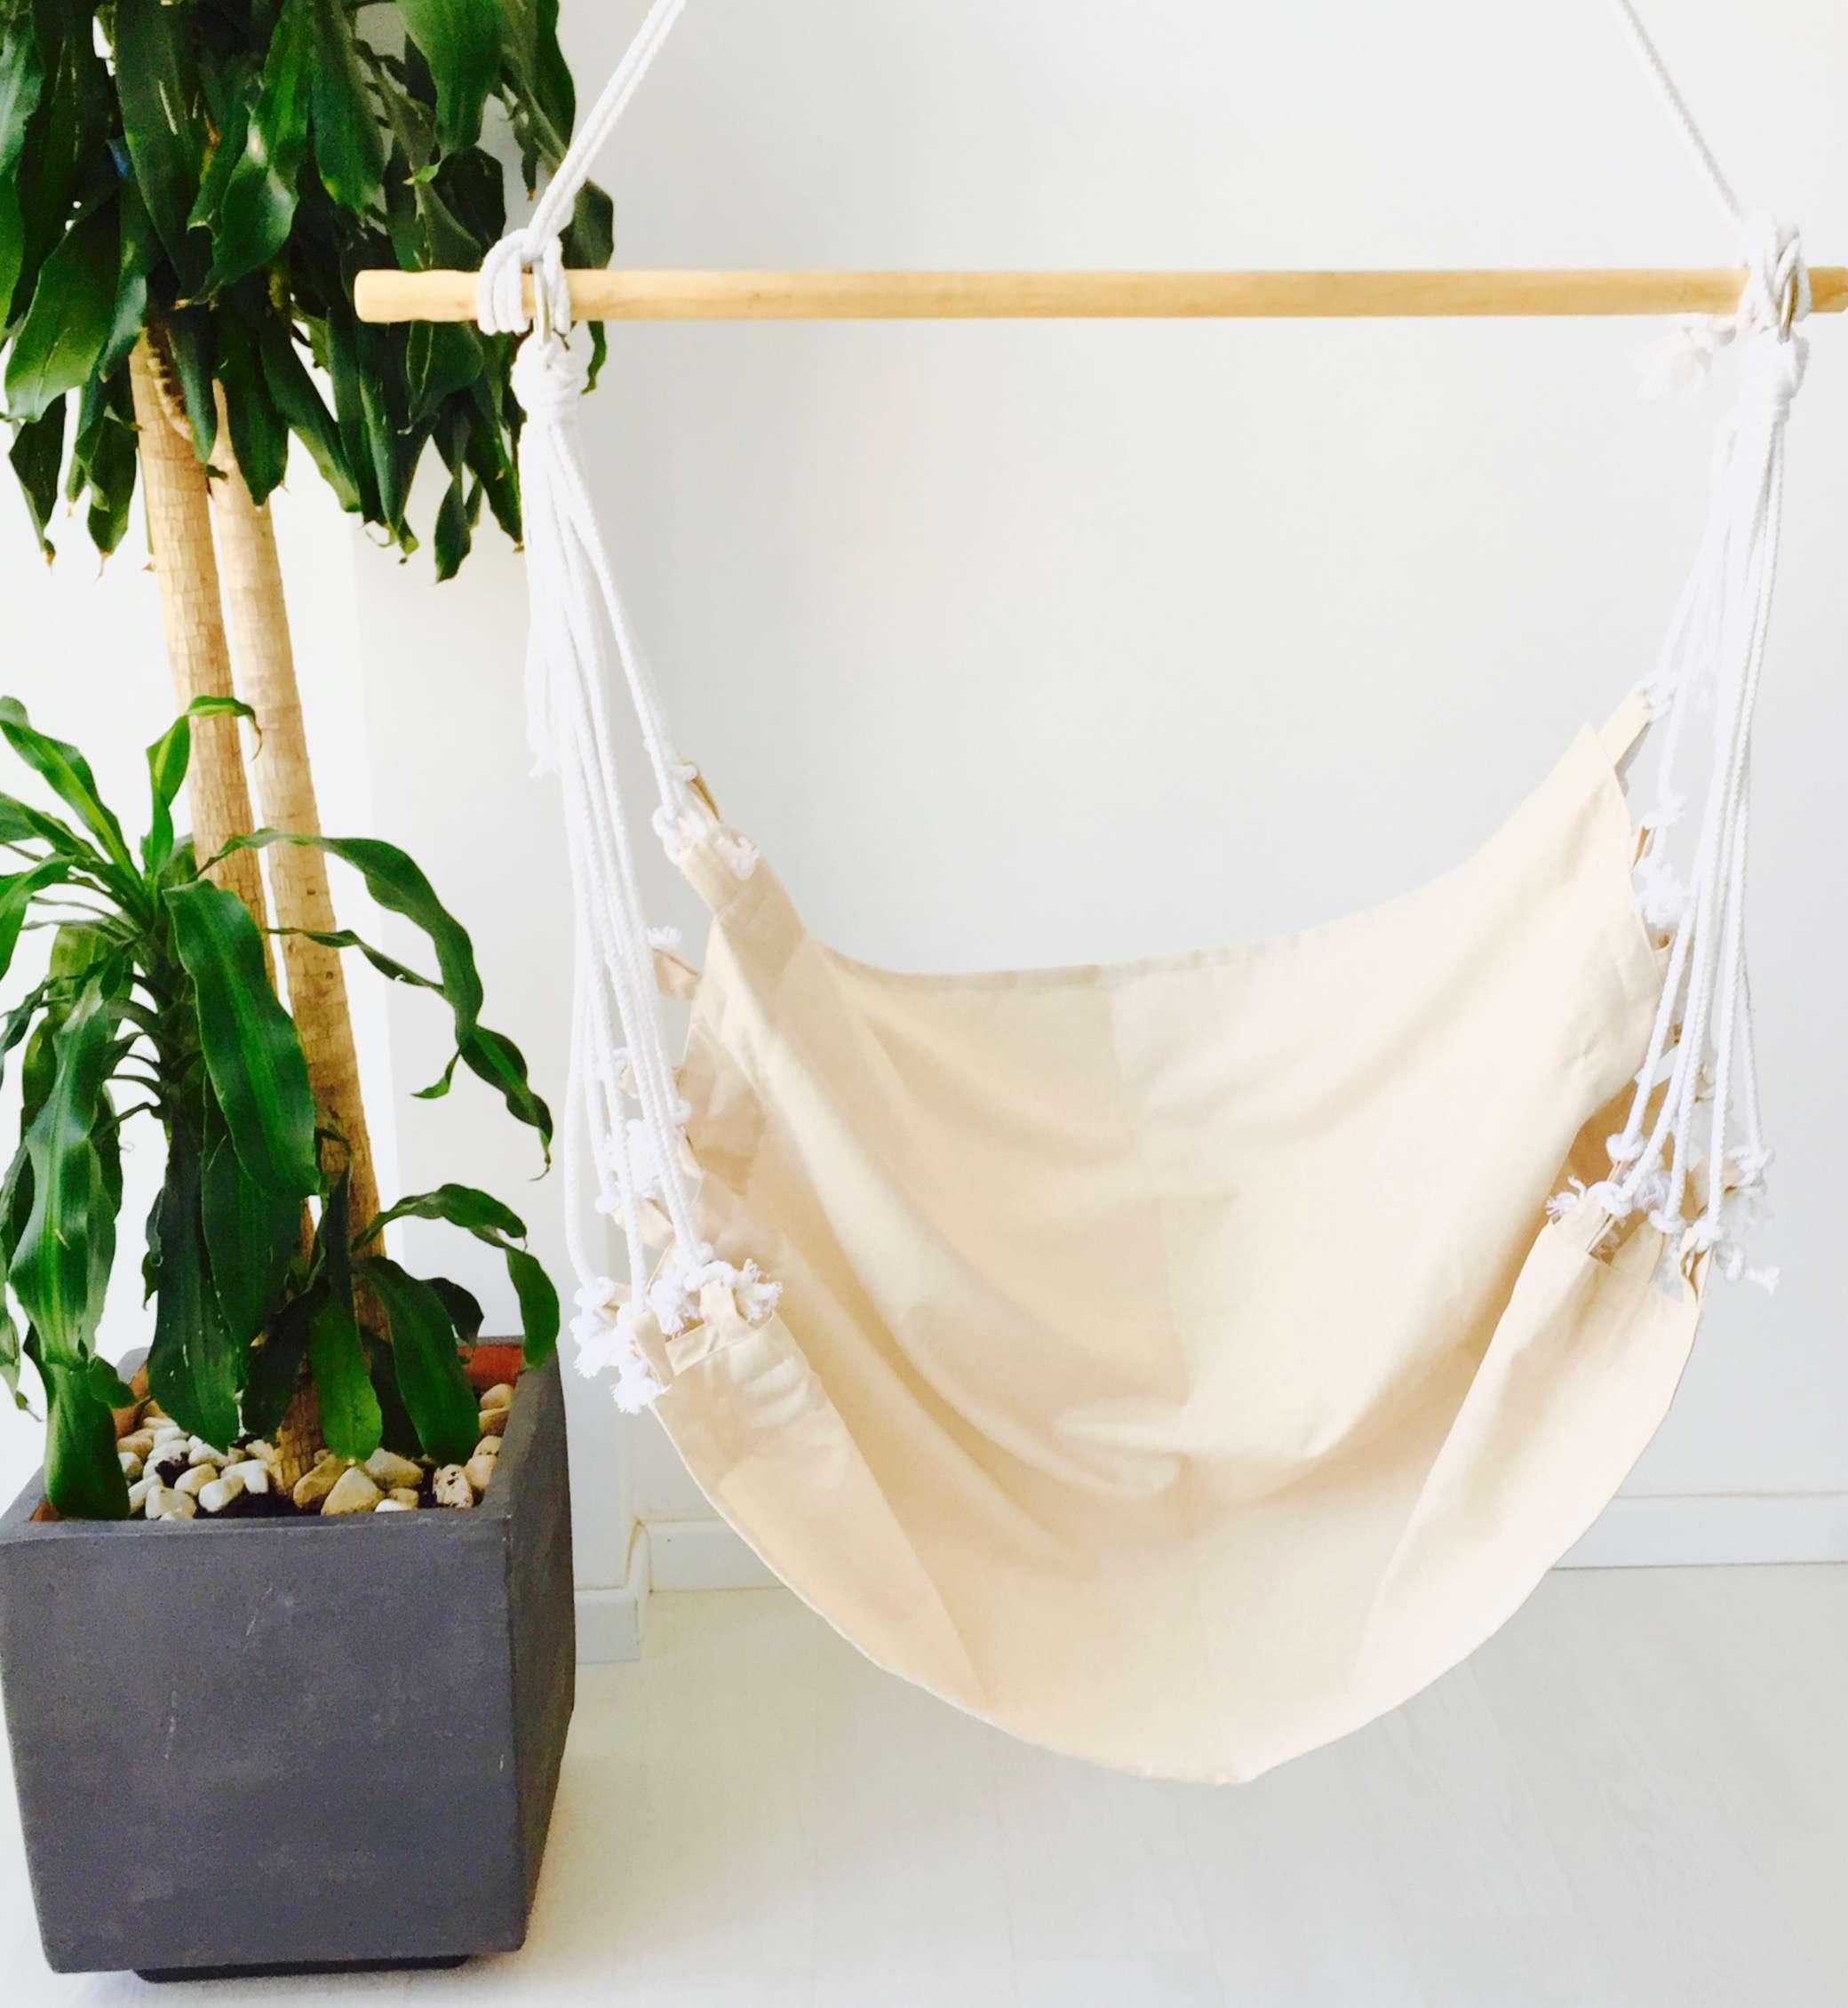 Hamaca silla colgante de tela lisa geometrik design for Silla hamaca colgante